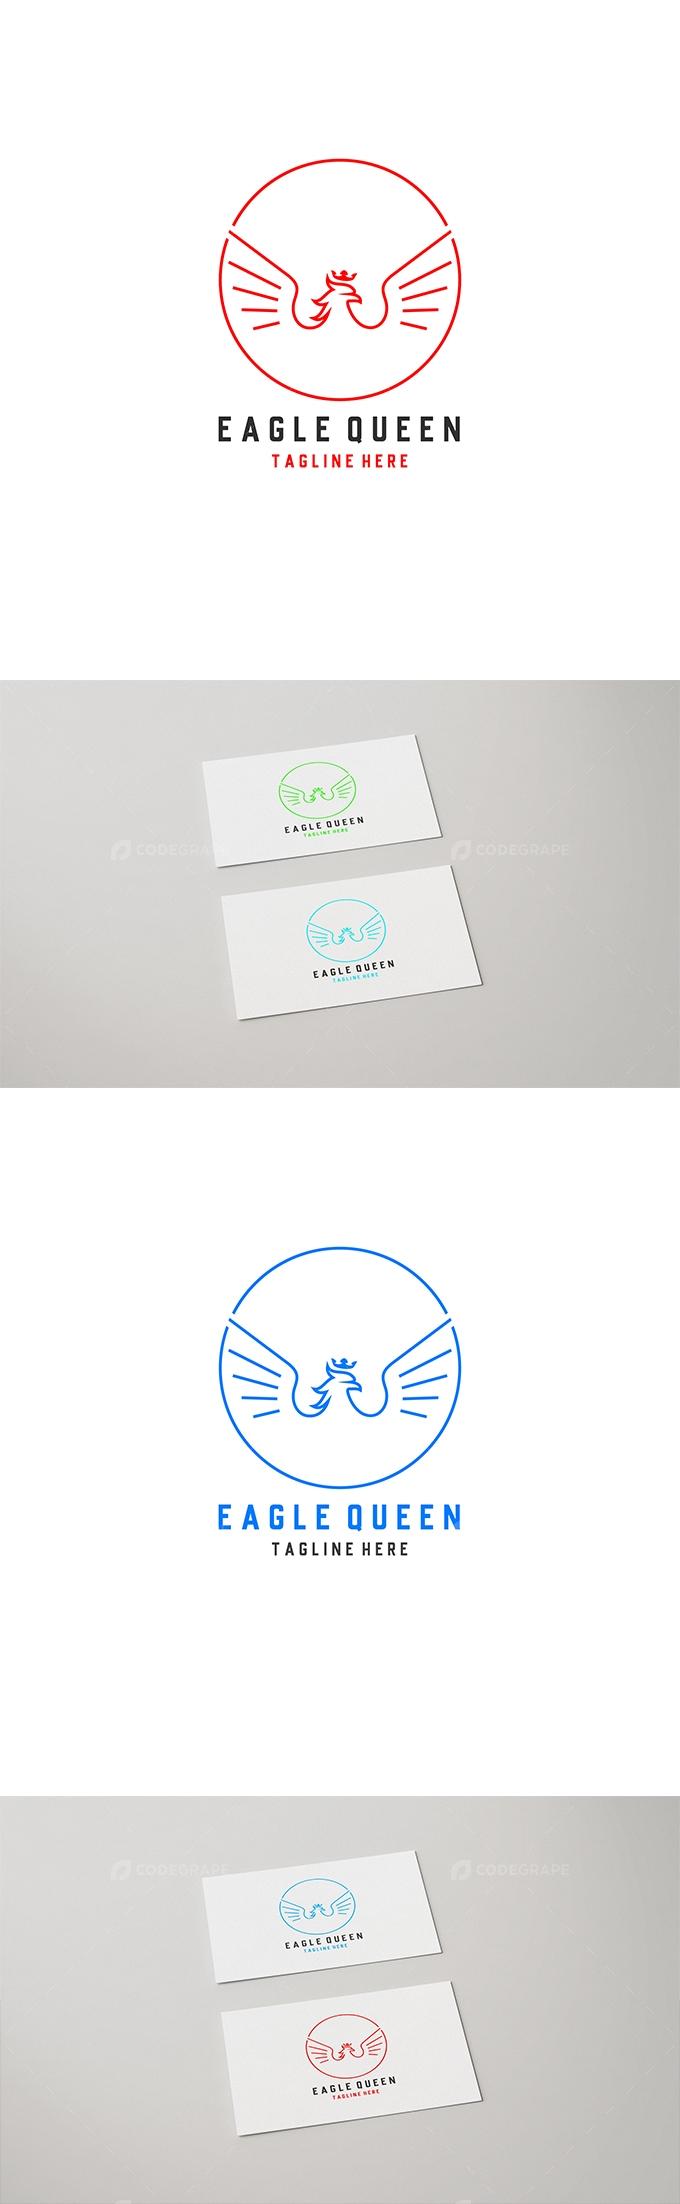 Eagle Queen Logo Design